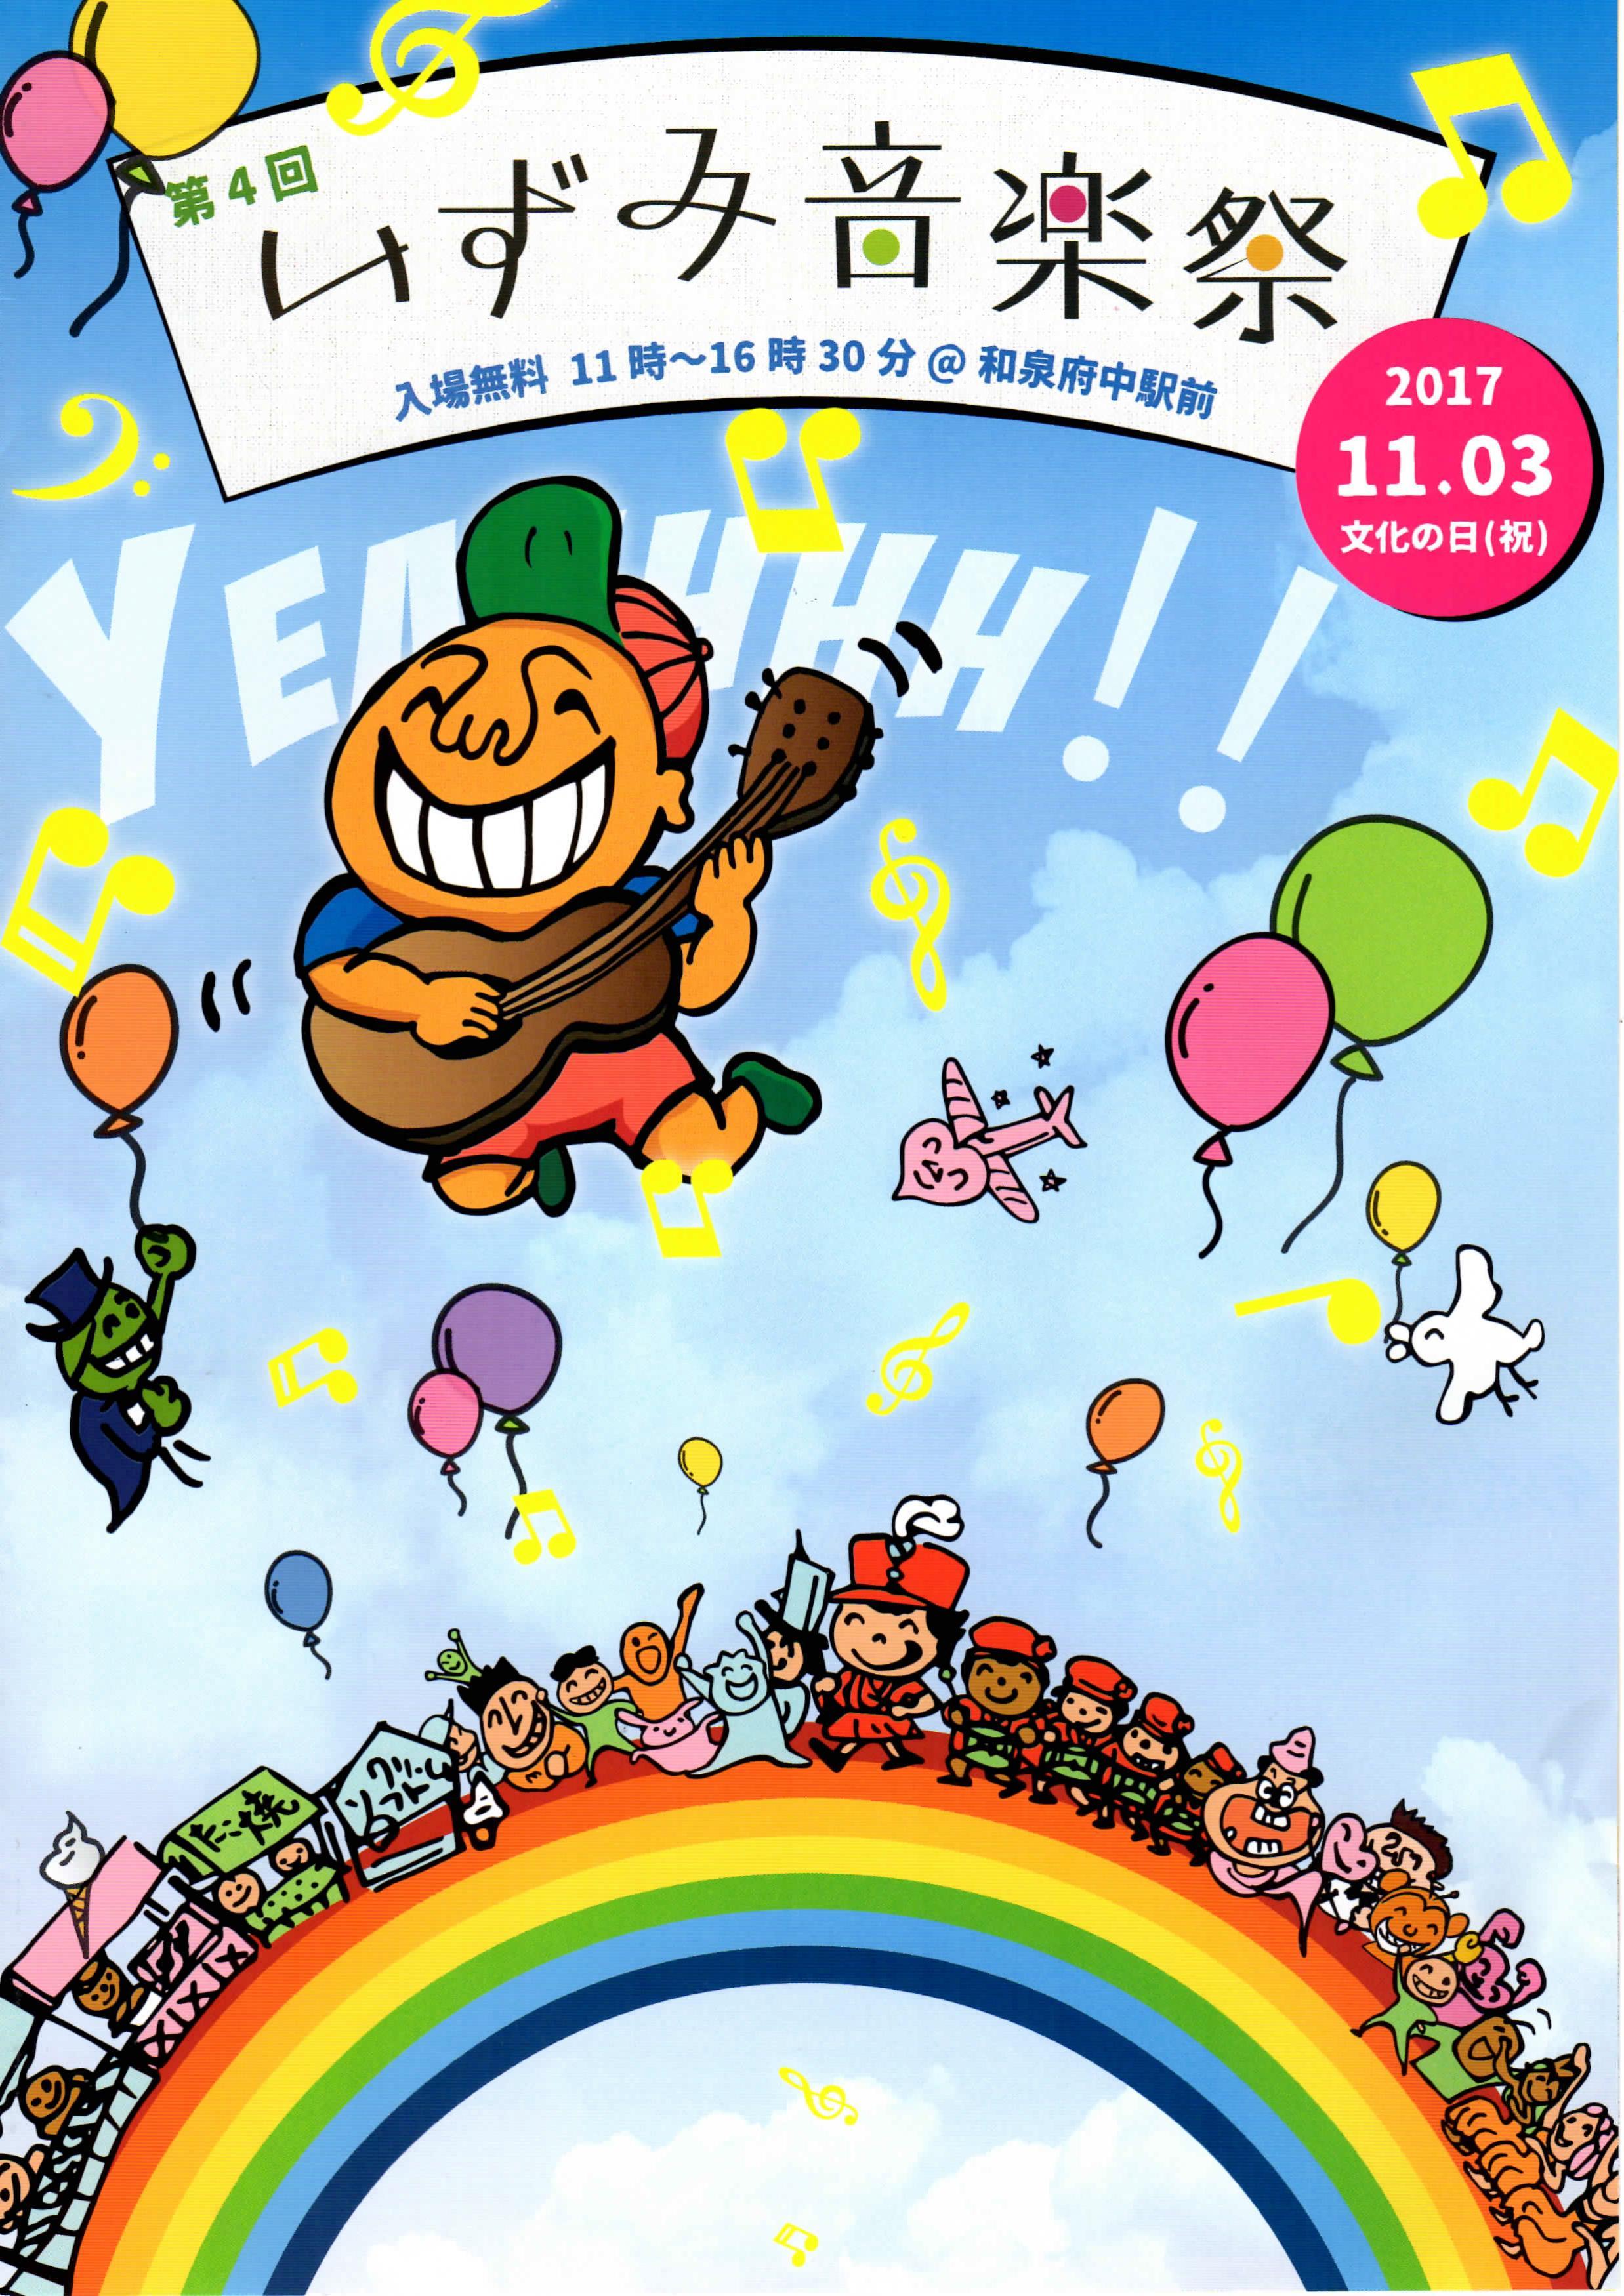 第4回  いずみ音楽祭  開催♪ 11月3日(文化の日・祝)